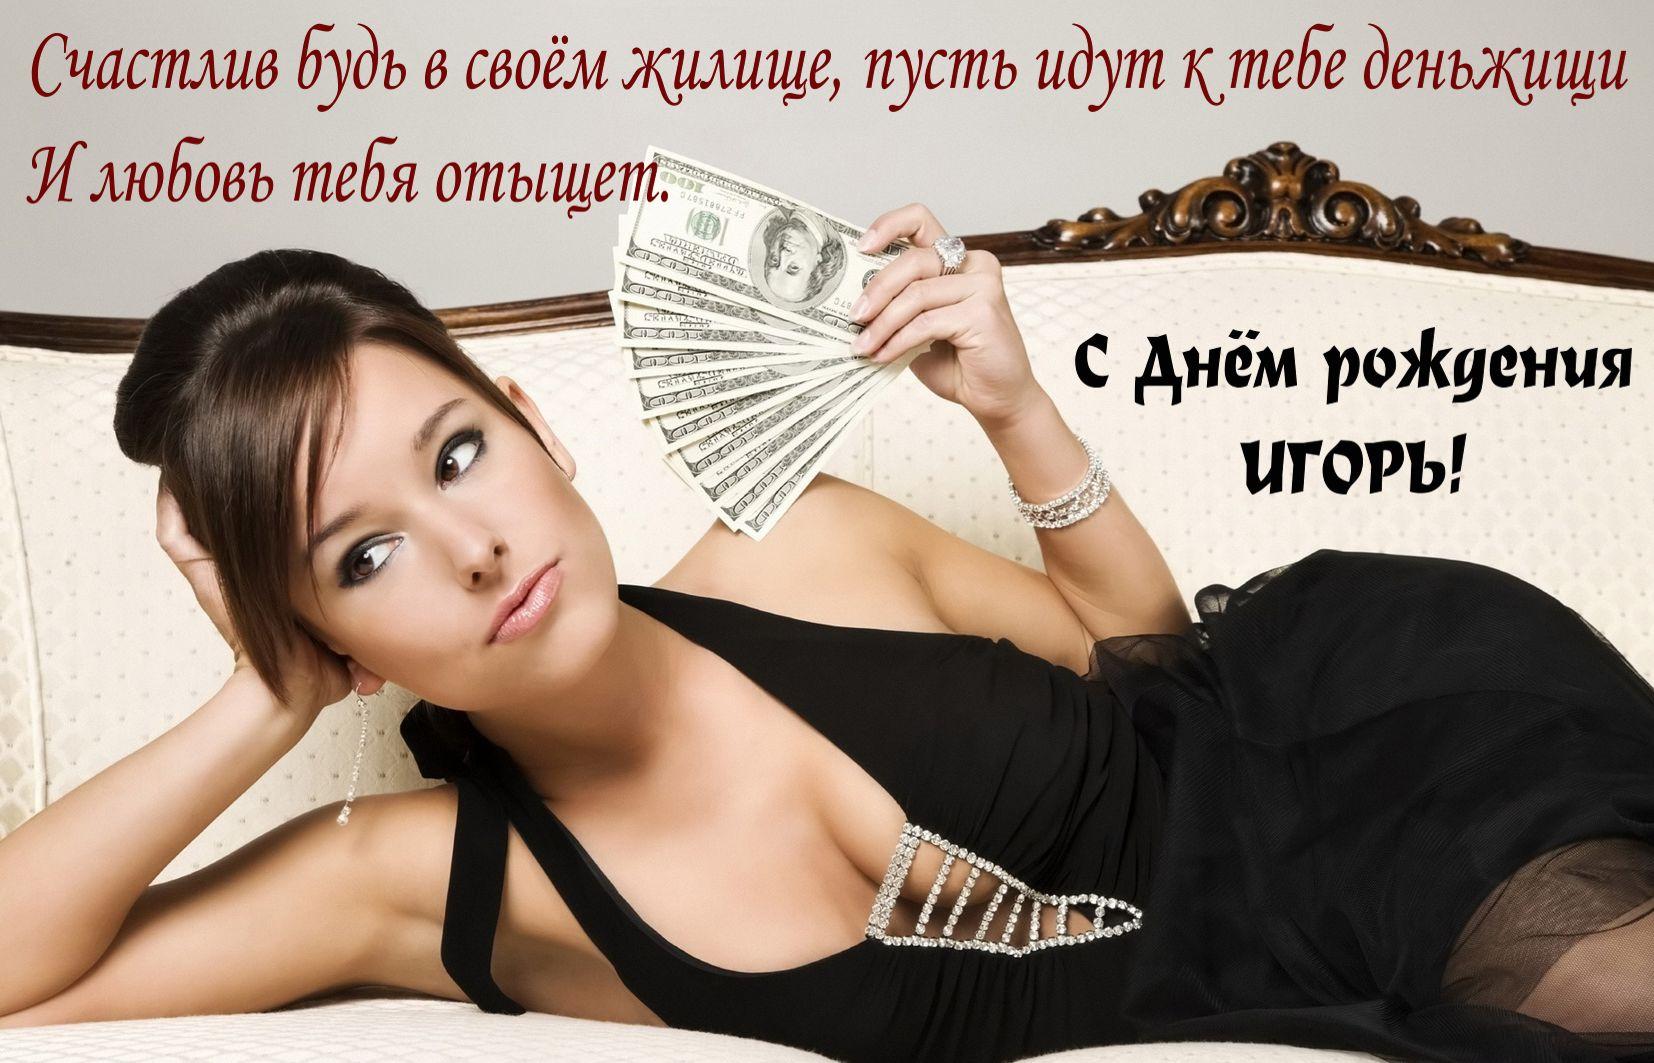 Оригинальная открытка с девушкой для Игоря